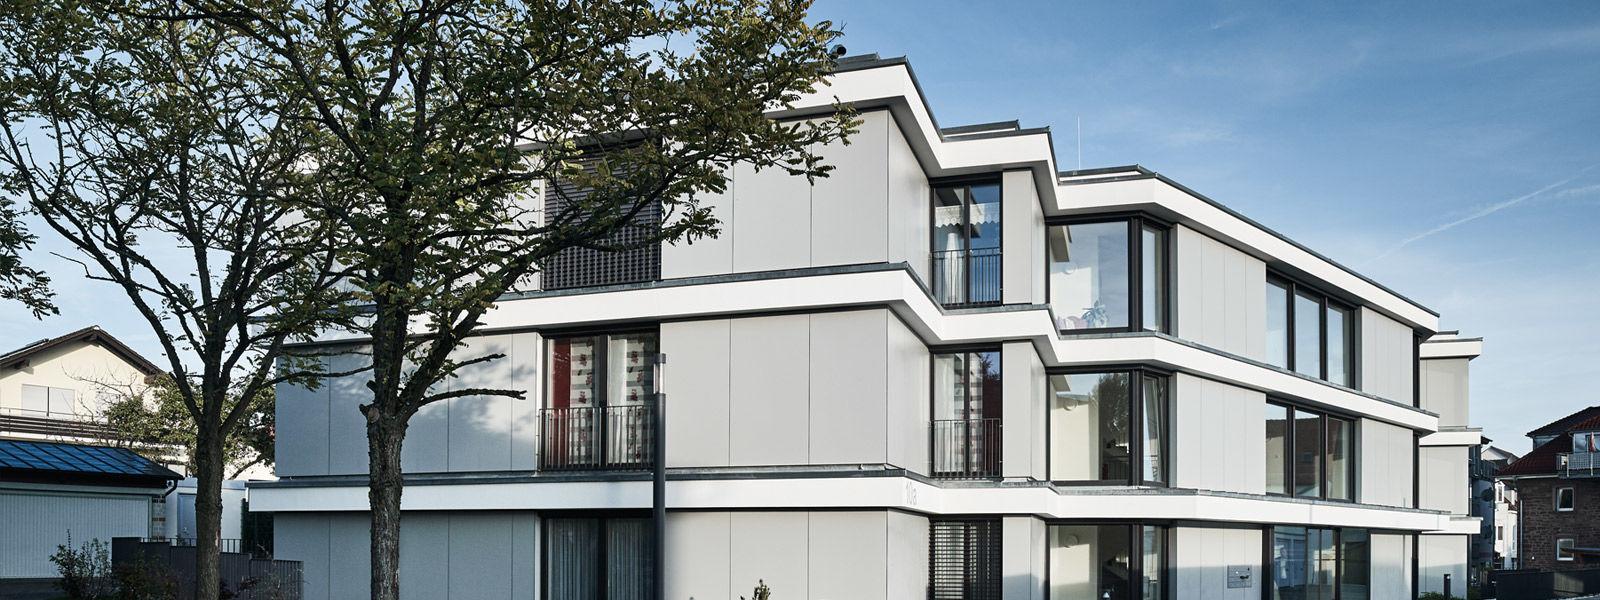 Kunststoff-Alu-Fenster von der Firma Lebsack und Söhne in Ingelfingen